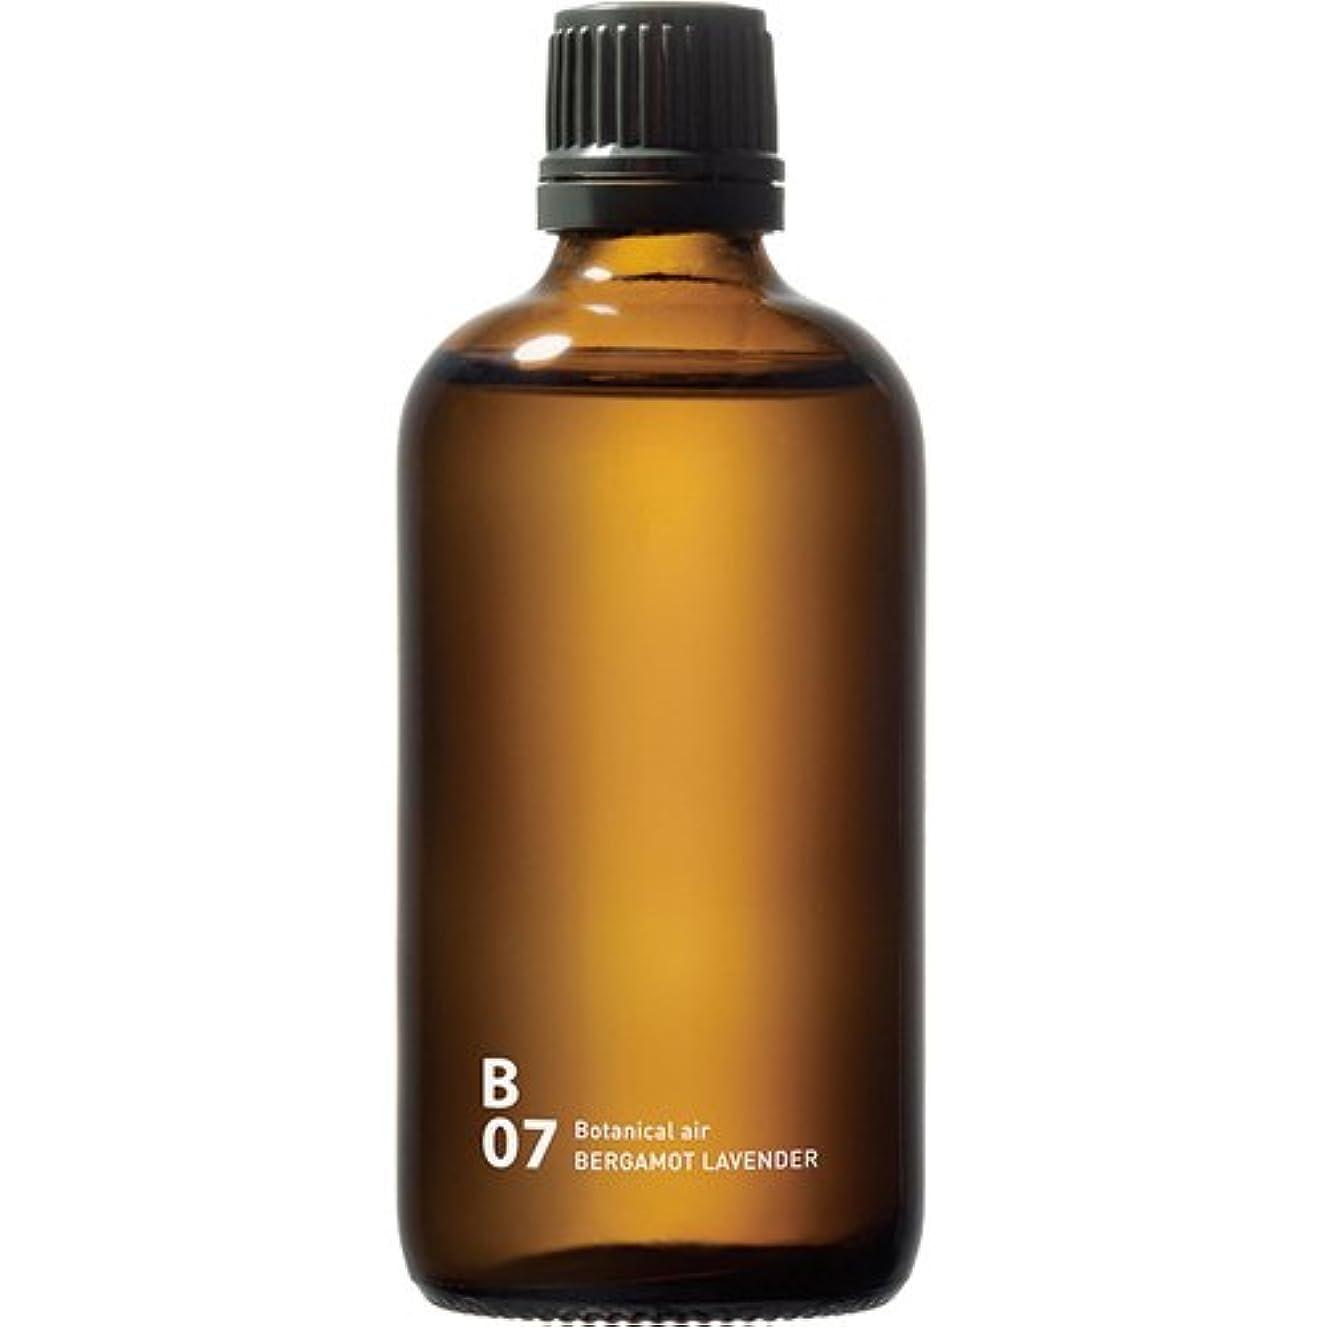 首尾一貫したペック役立つB07 BERGAMOT LAVENDER piezo aroma oil 100ml